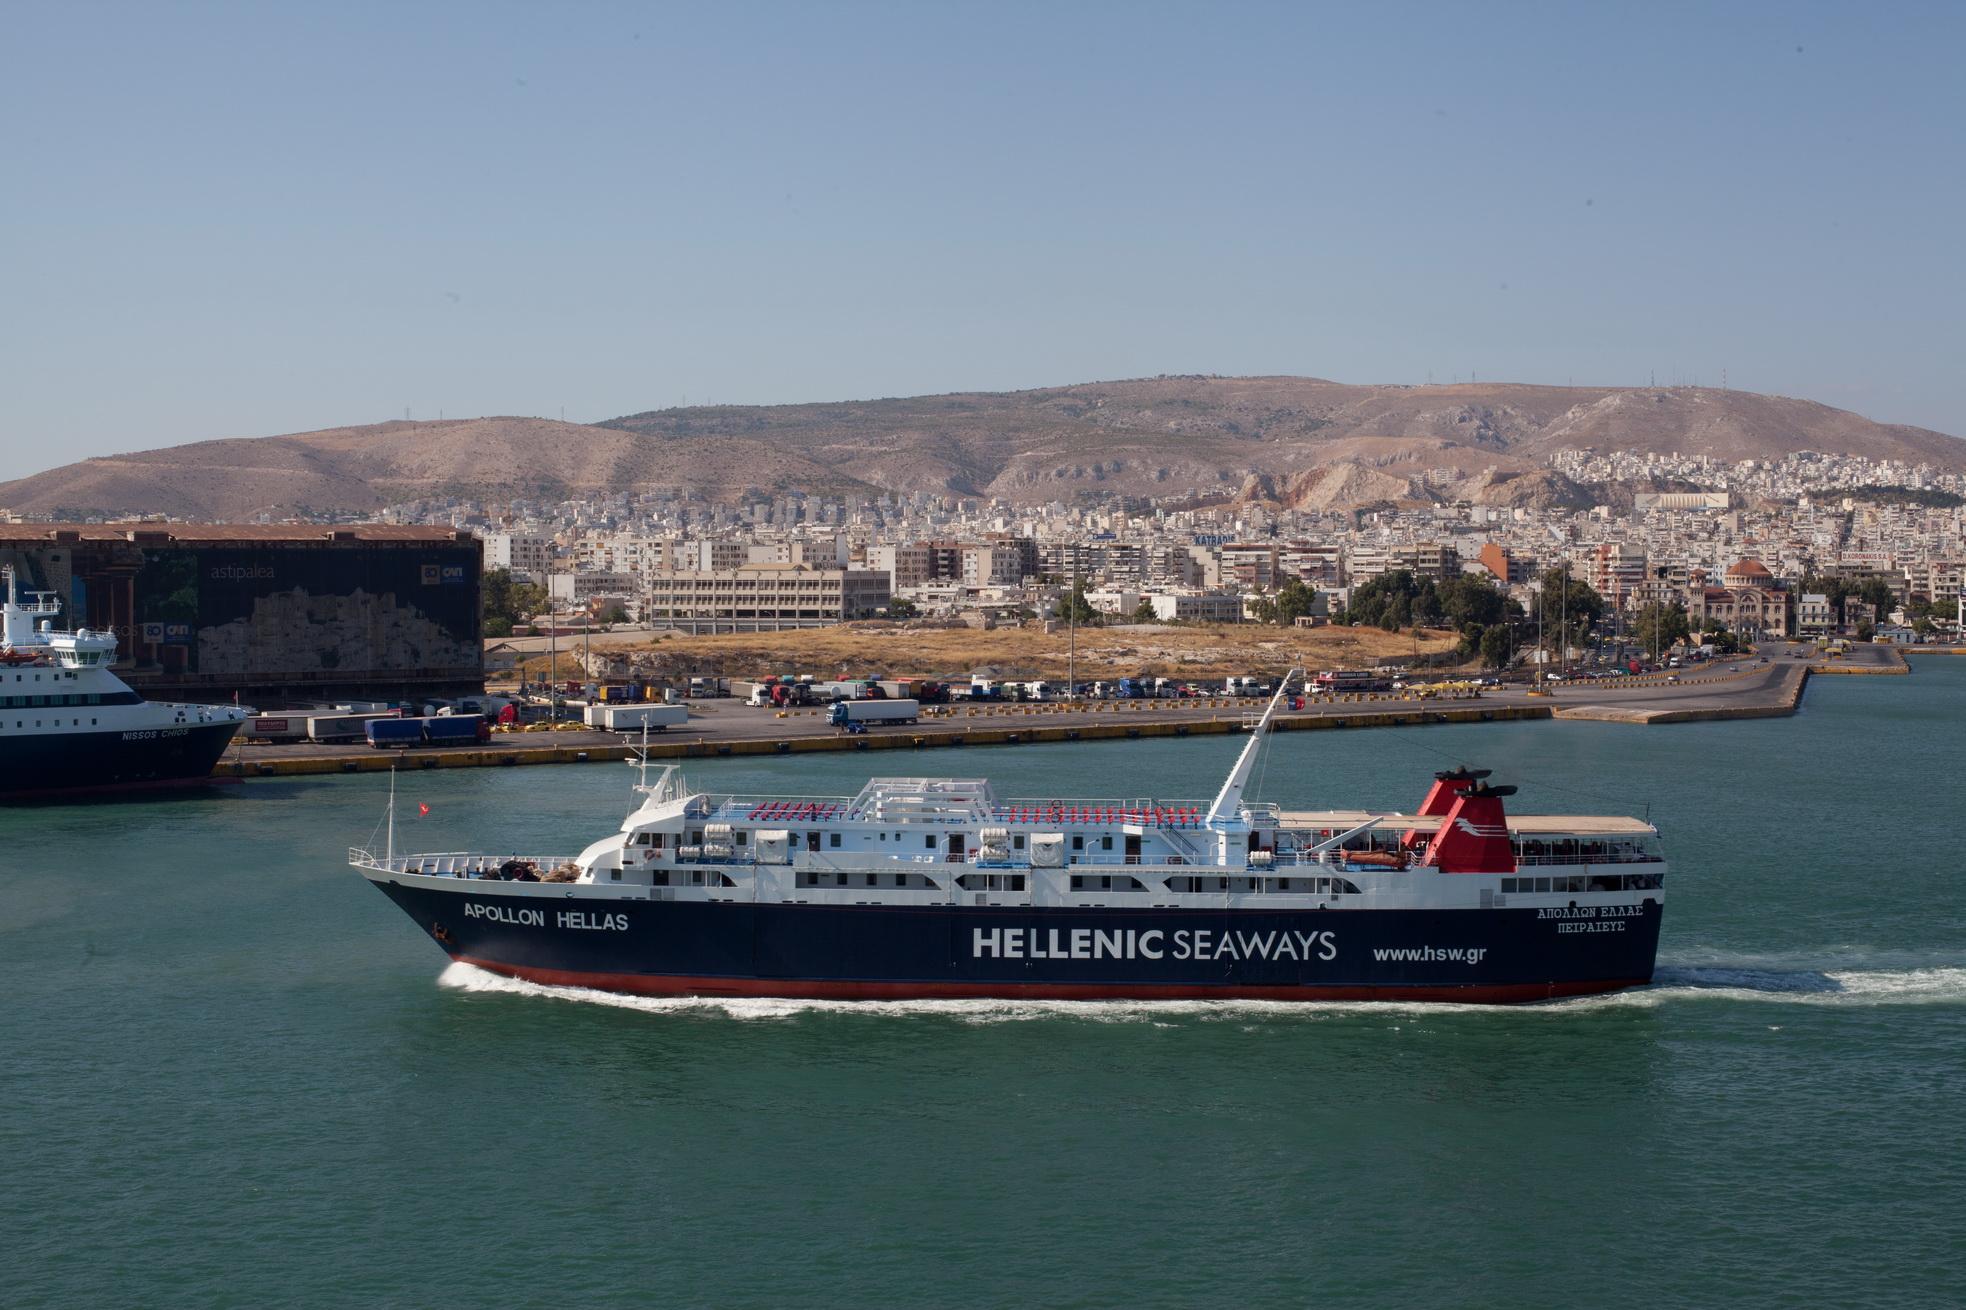 MS Apollon IMO 8807105 Heellas Hellenic Seaways Piraeus Port of Athens Greece 09